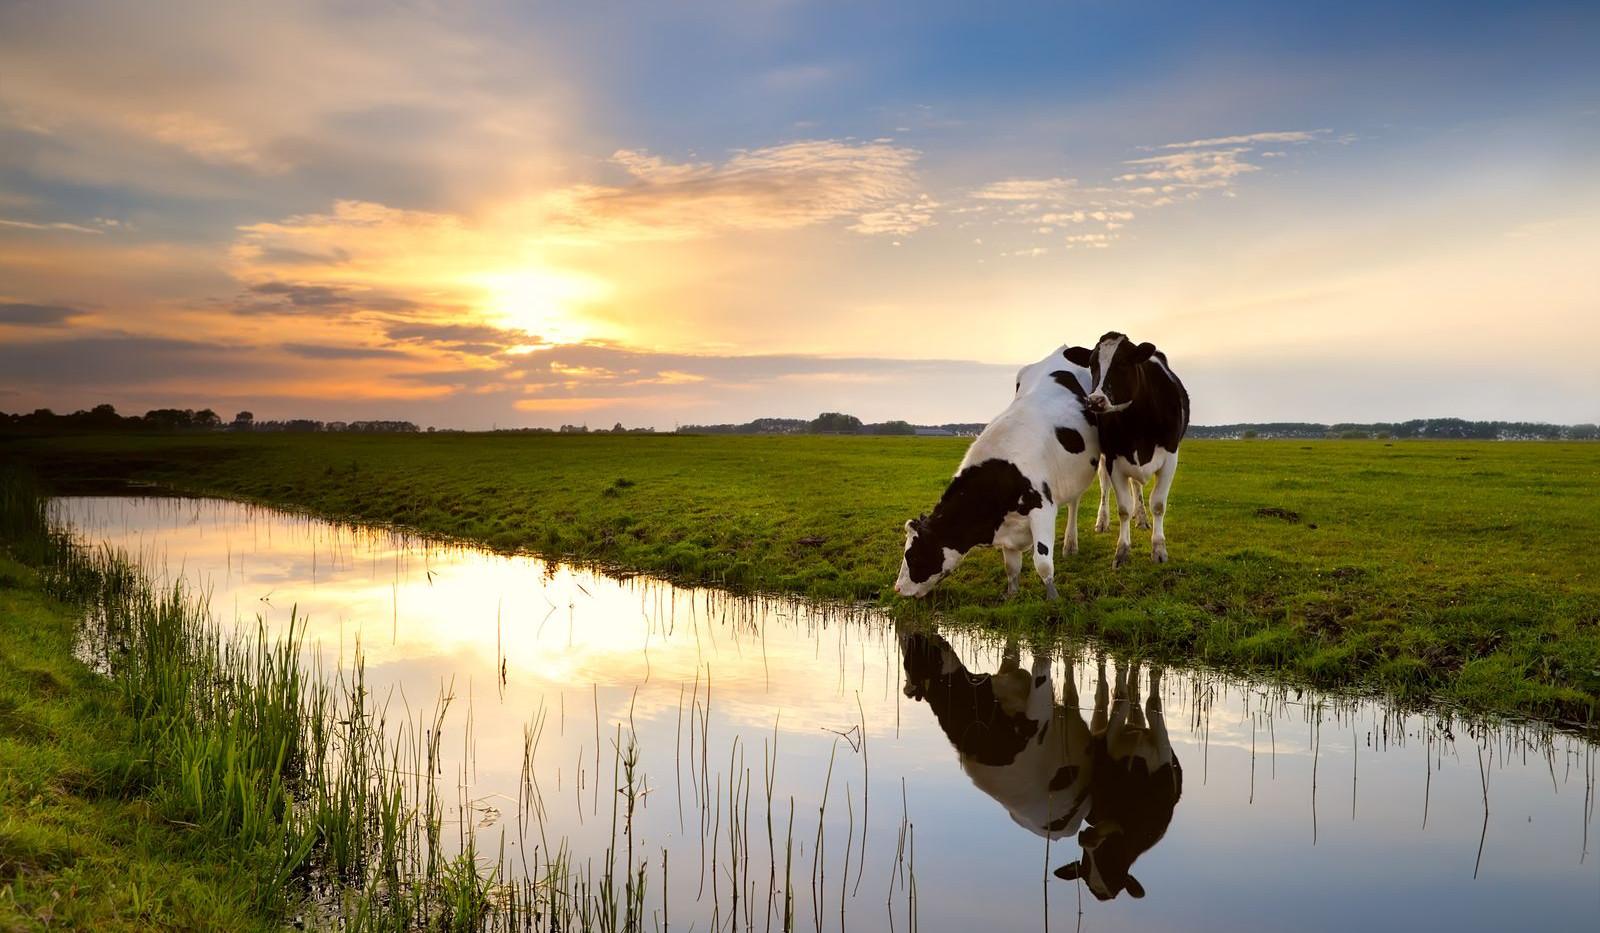 le-jardin-deden-des-vaches-laitieres.jpg